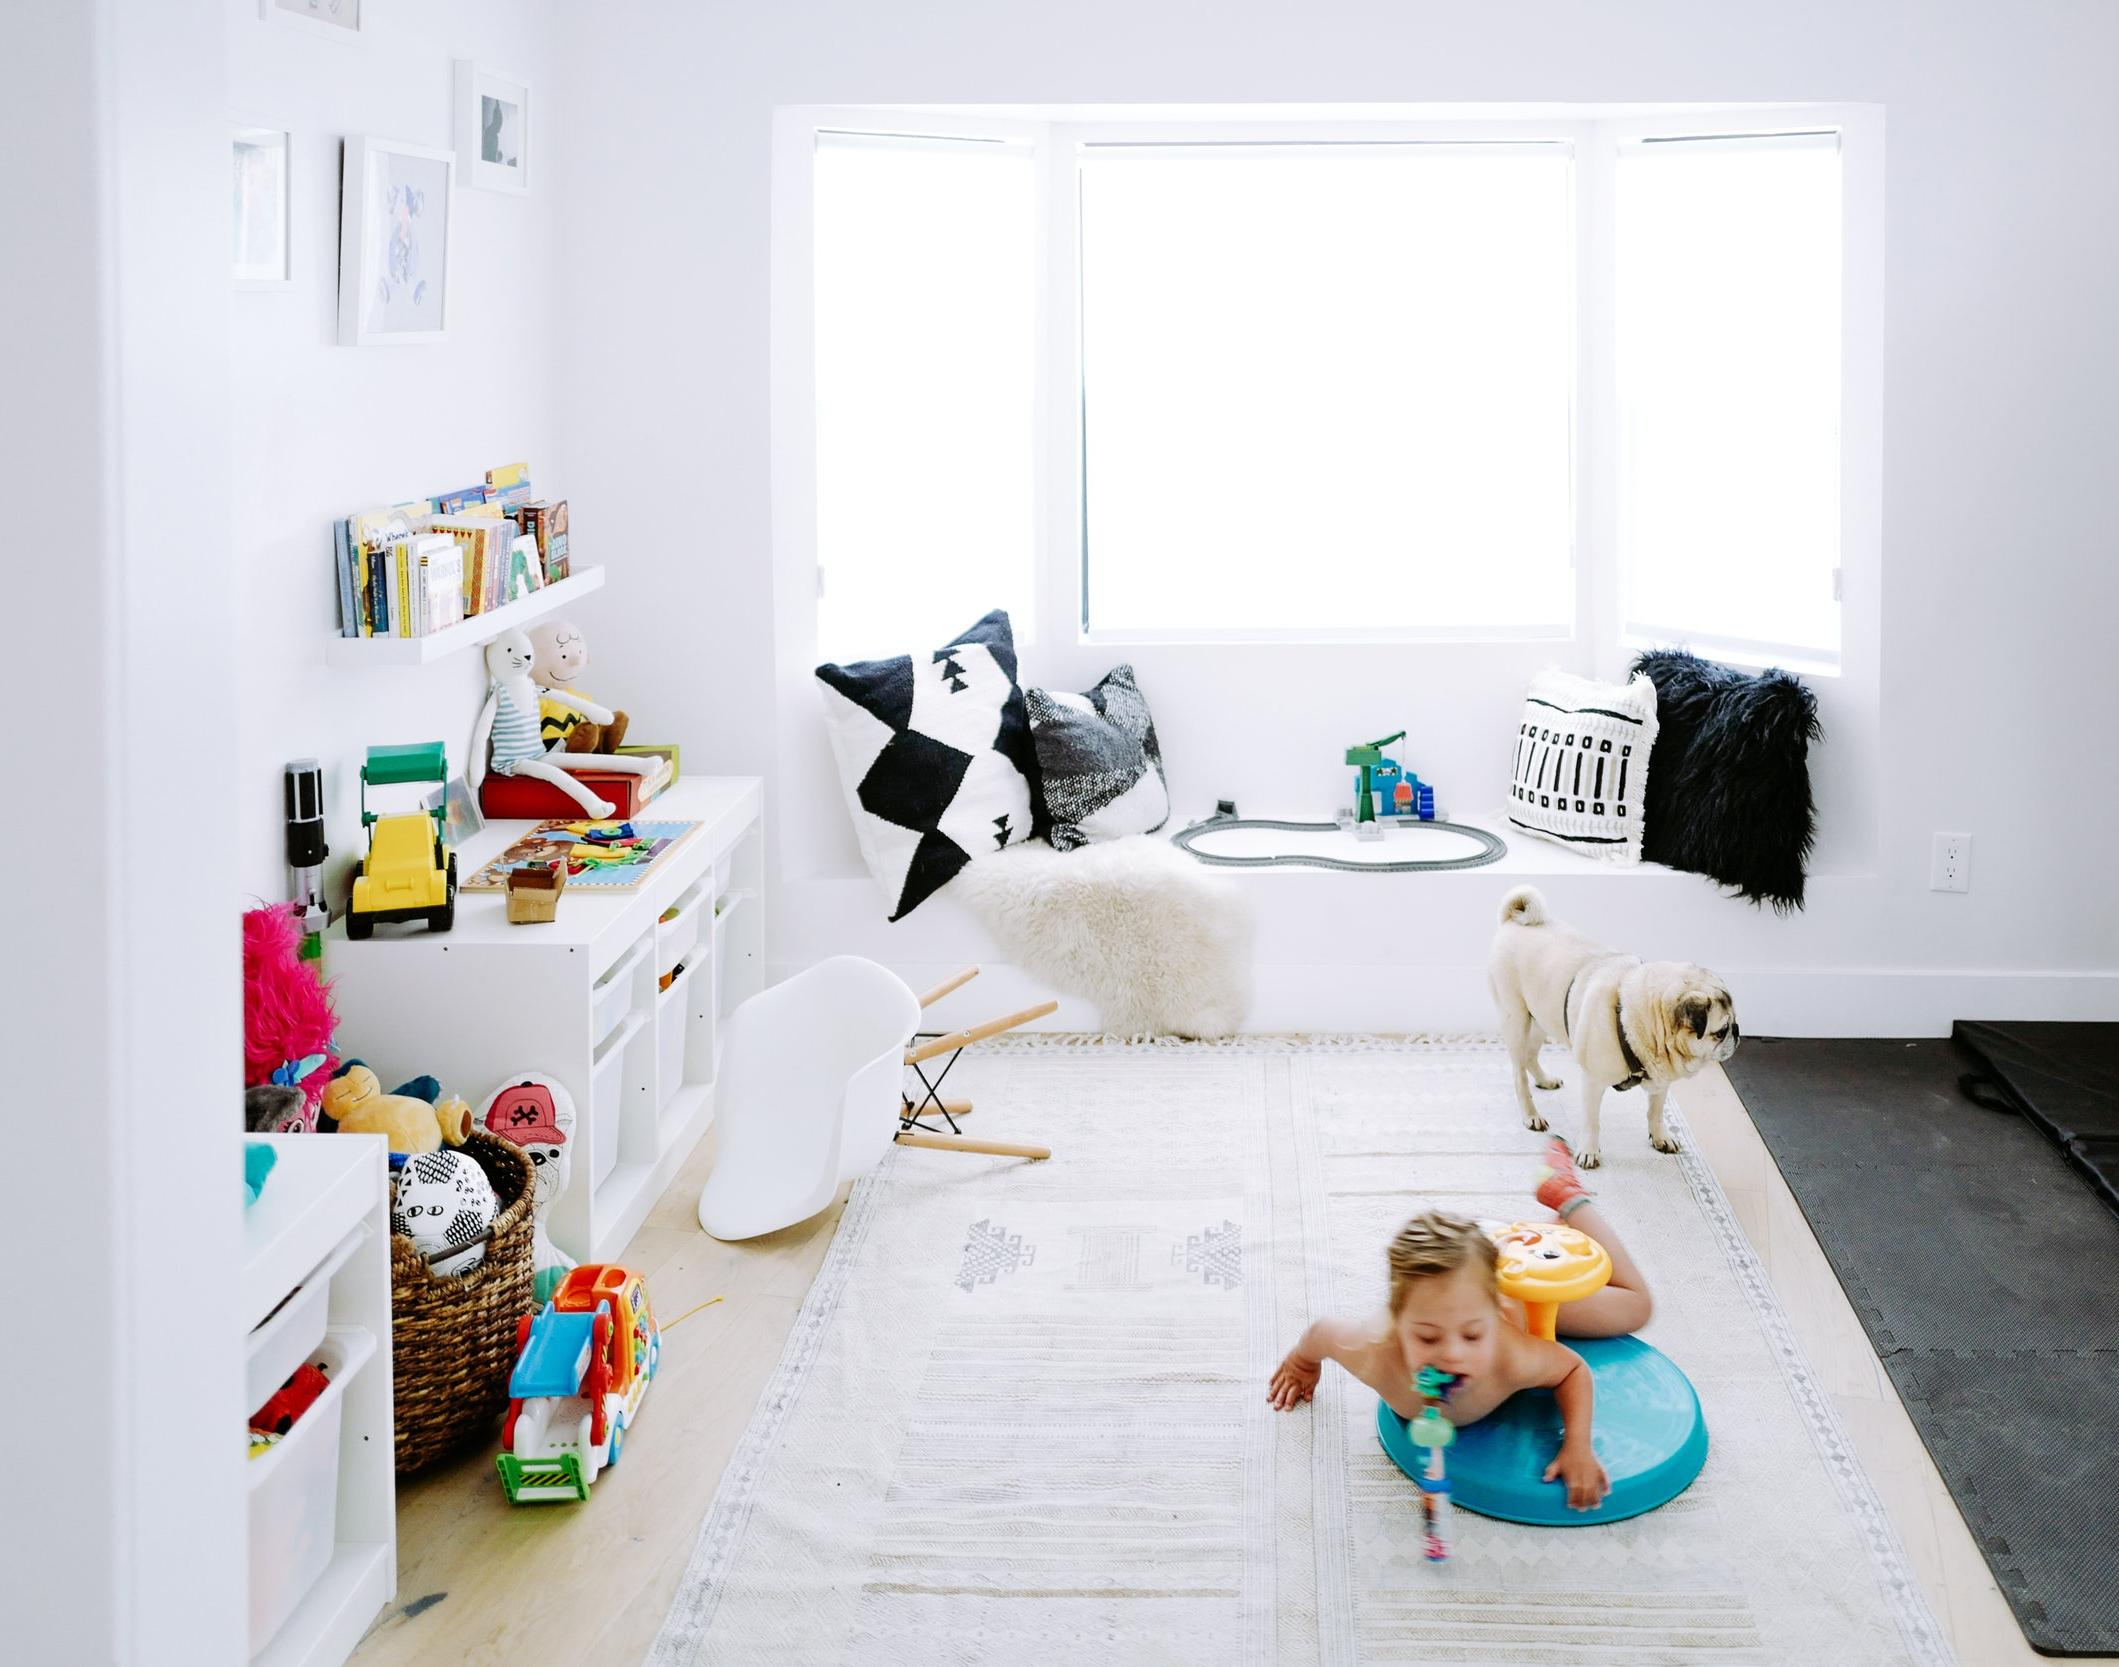 Micah-Playroom-35.jpg